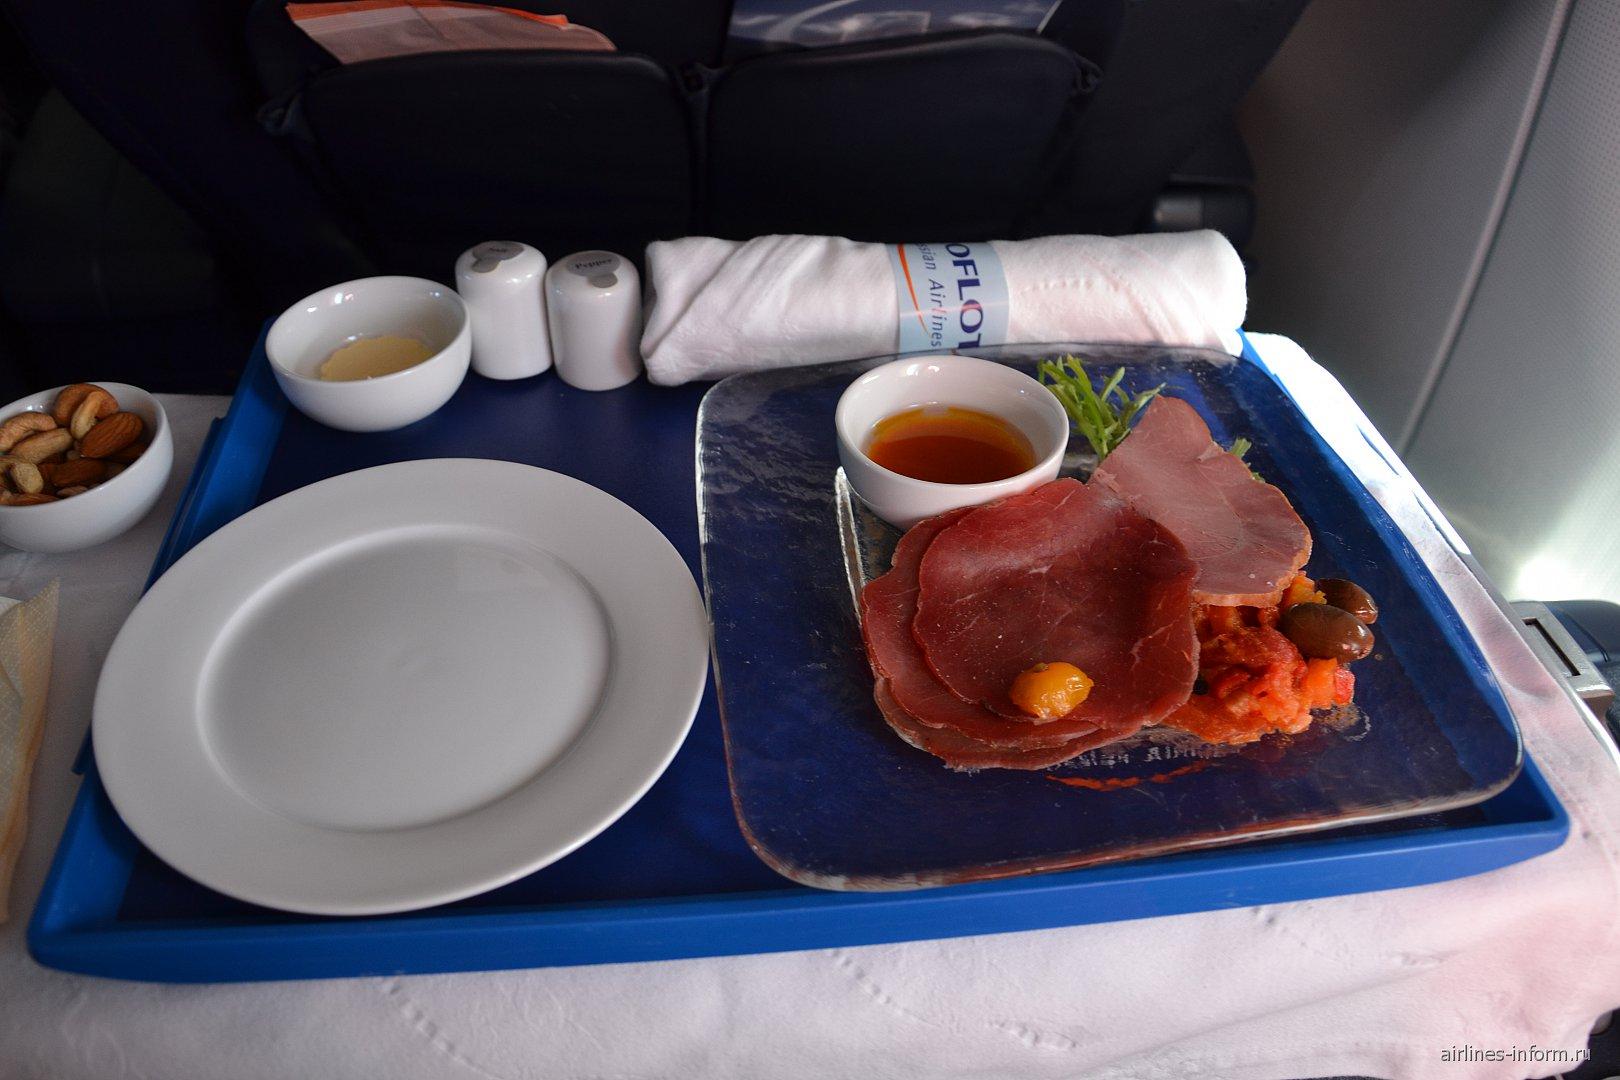 Холодные закуски (копченая баранина) в бизнес-классе Аэрофлота, рейс Франкфурт-Москва